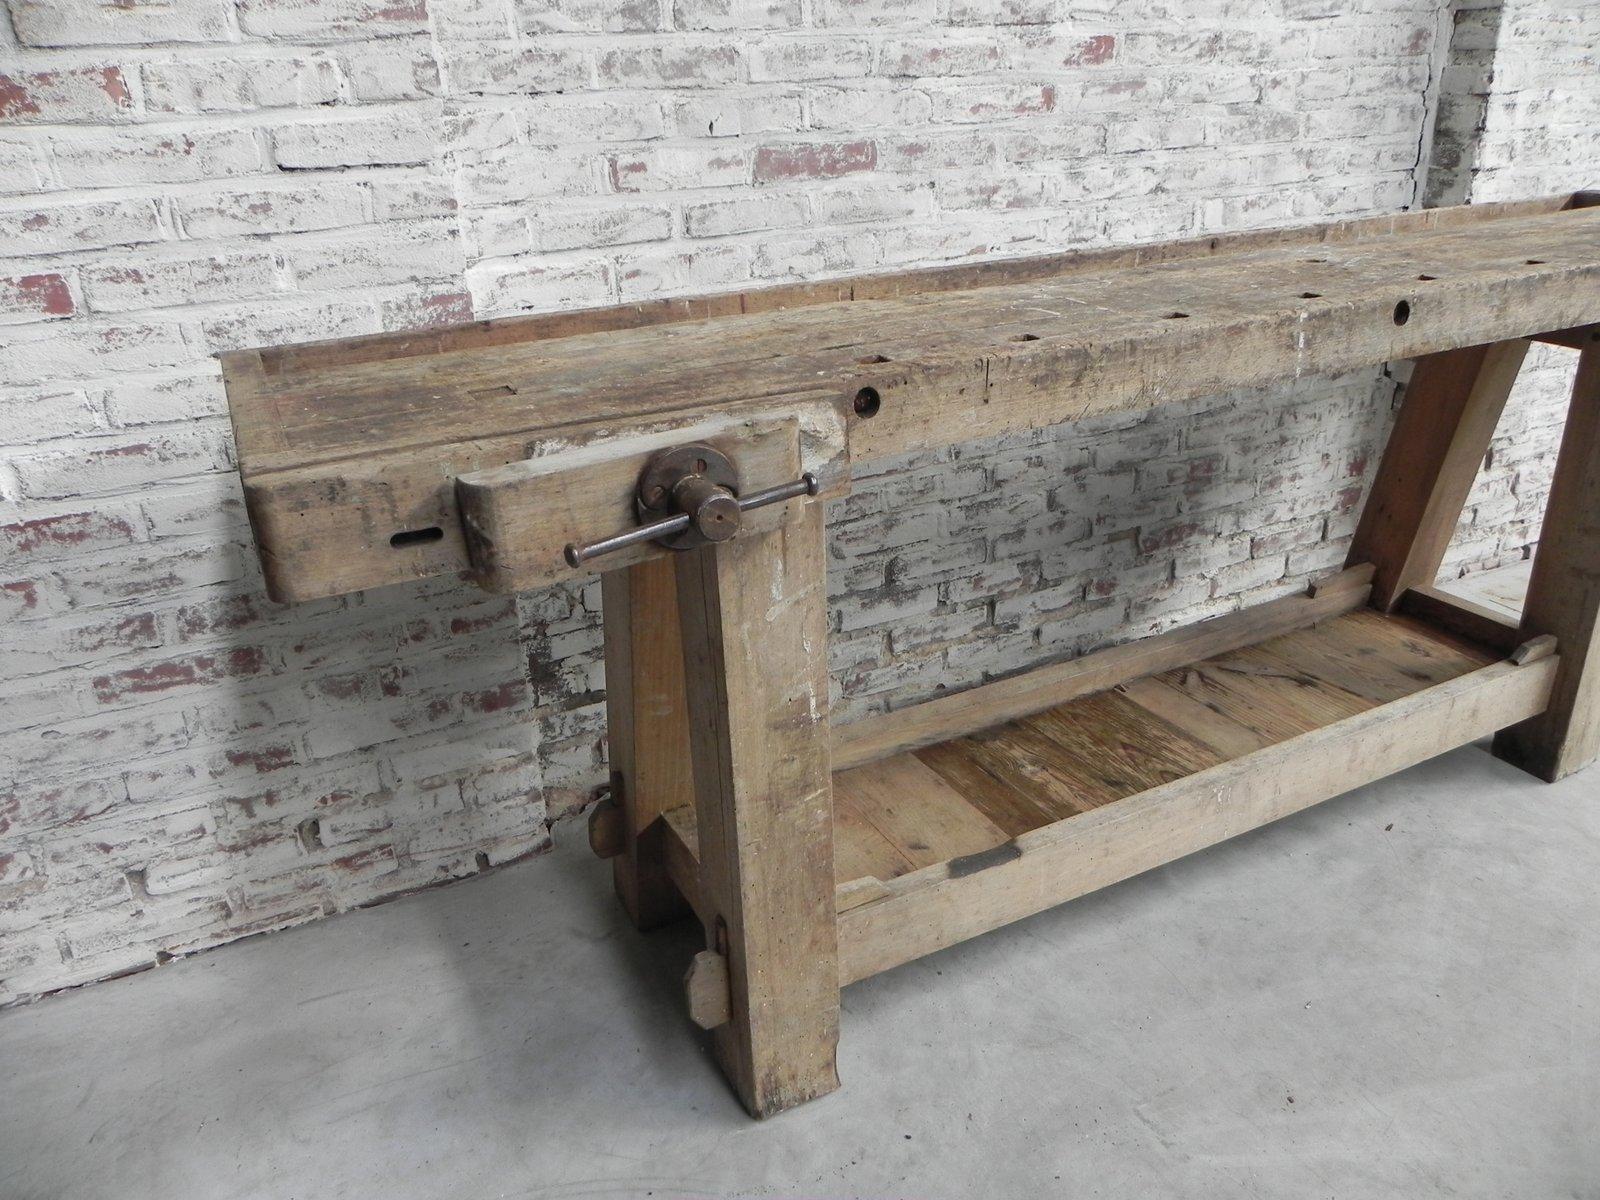 Tavoli Da Lavoro Vintage : Banco da lavoro vintage industriale in vendita su pamono